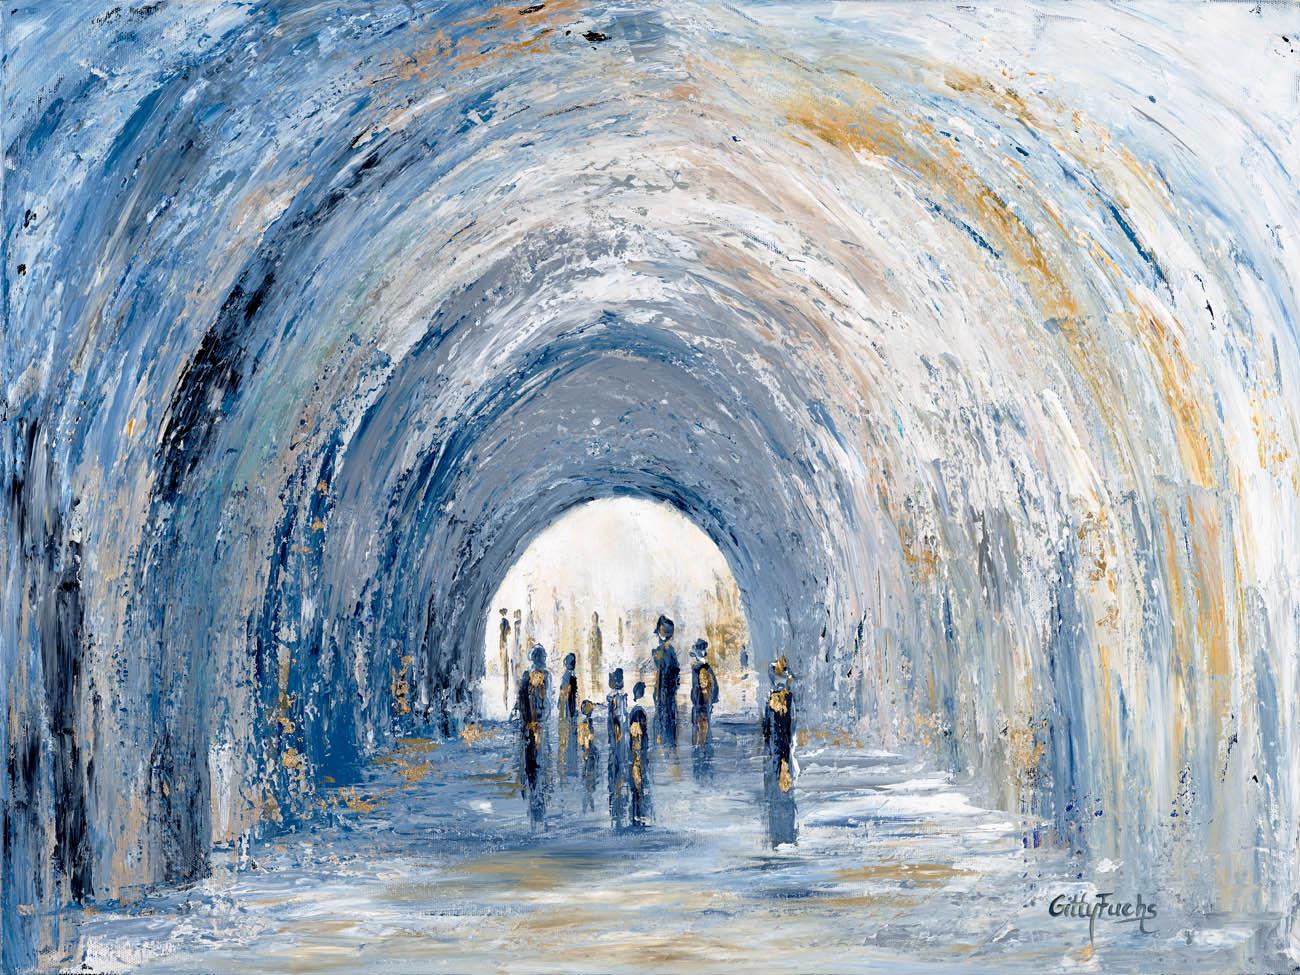 judaic_artist_gitty_fuchs_Arches_60x80cm (5)